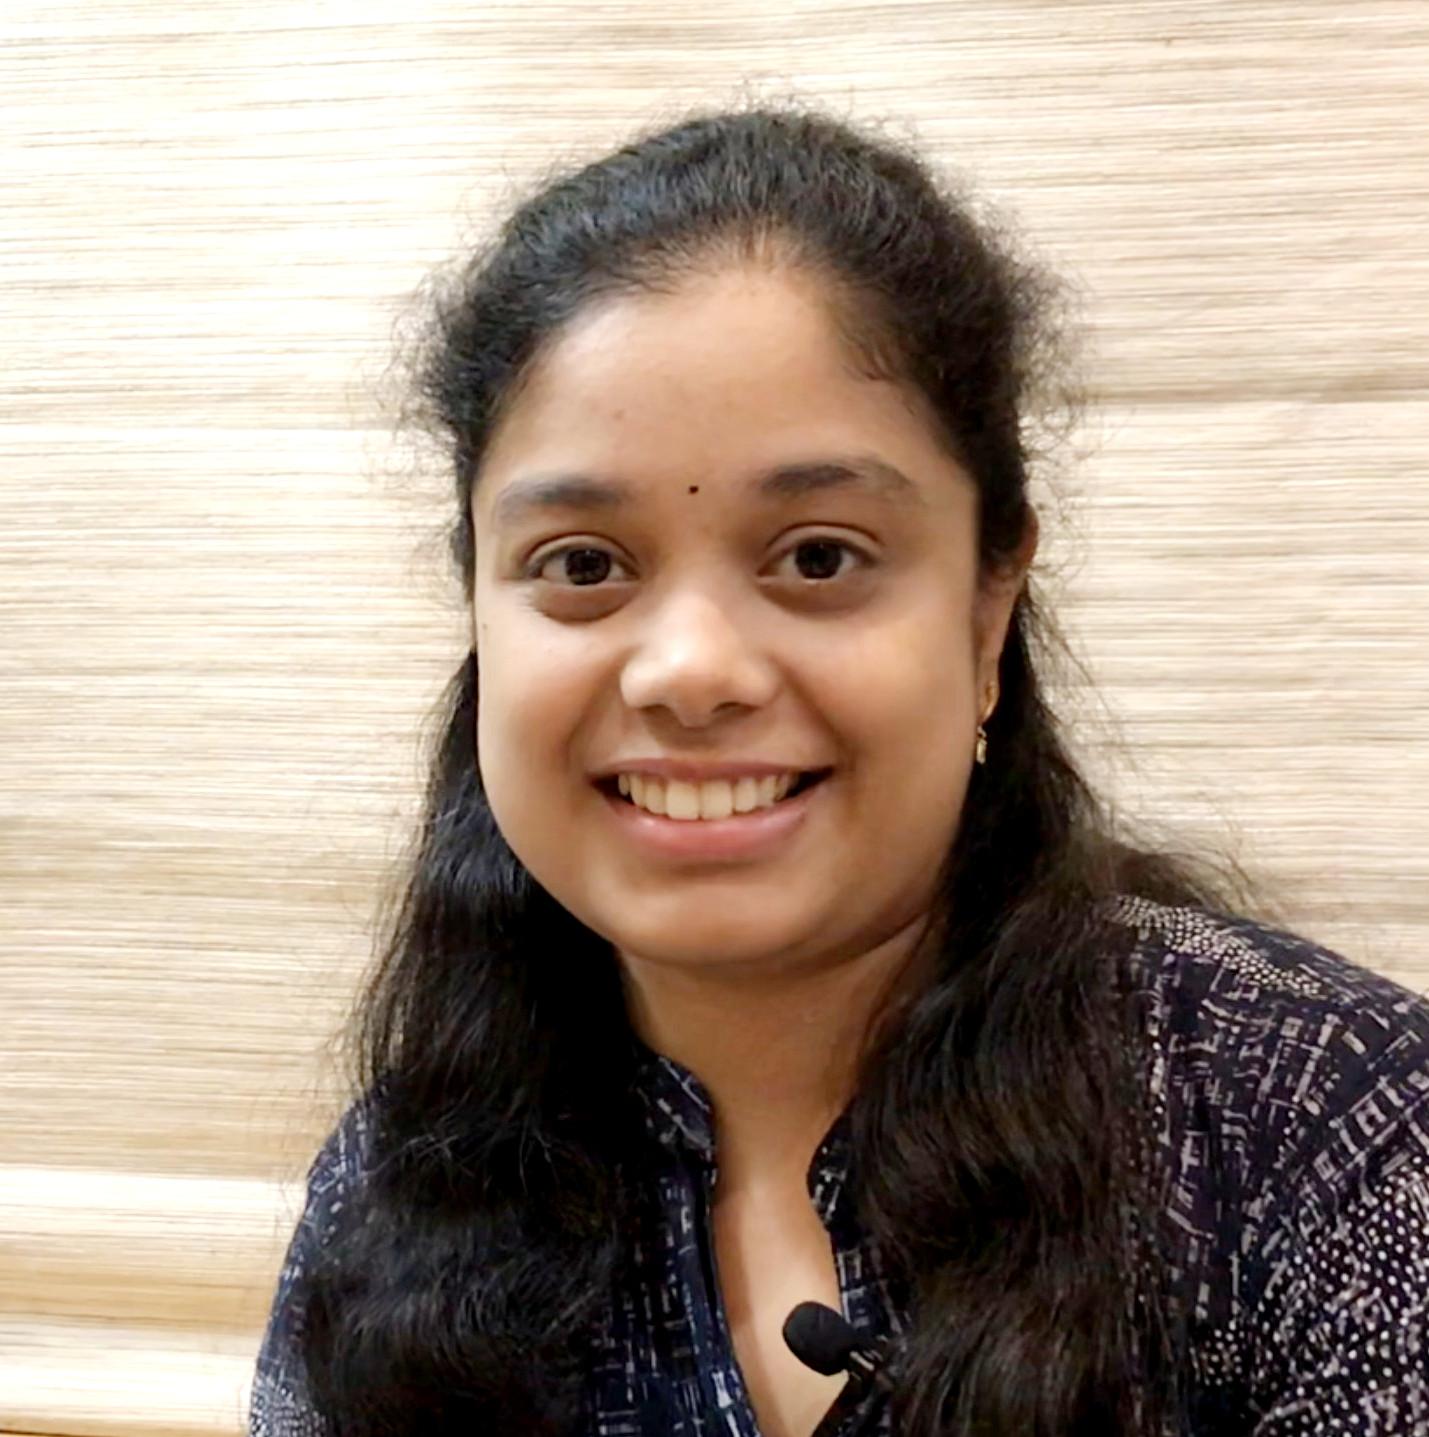 Shruti's image